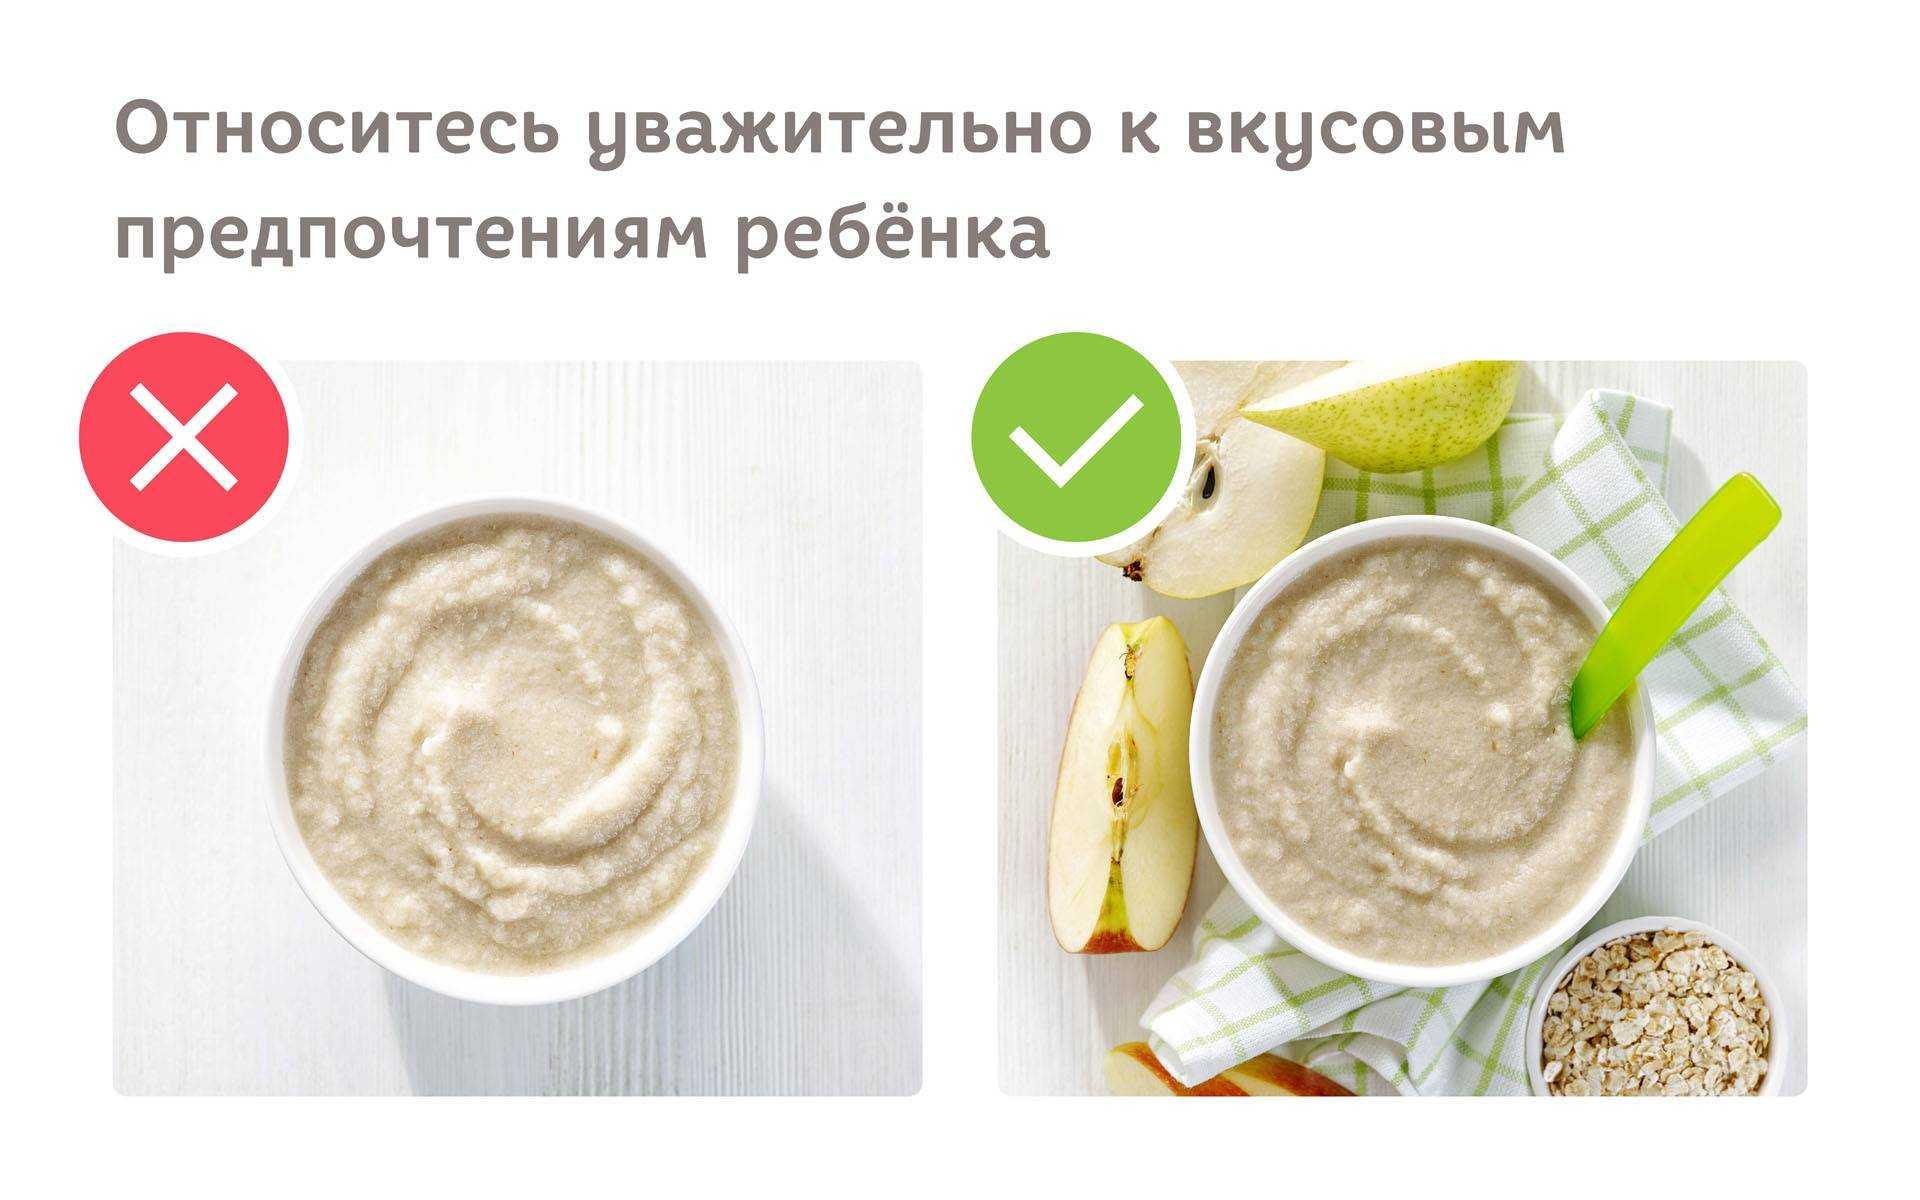 рекомендации по здоровому питанию детей